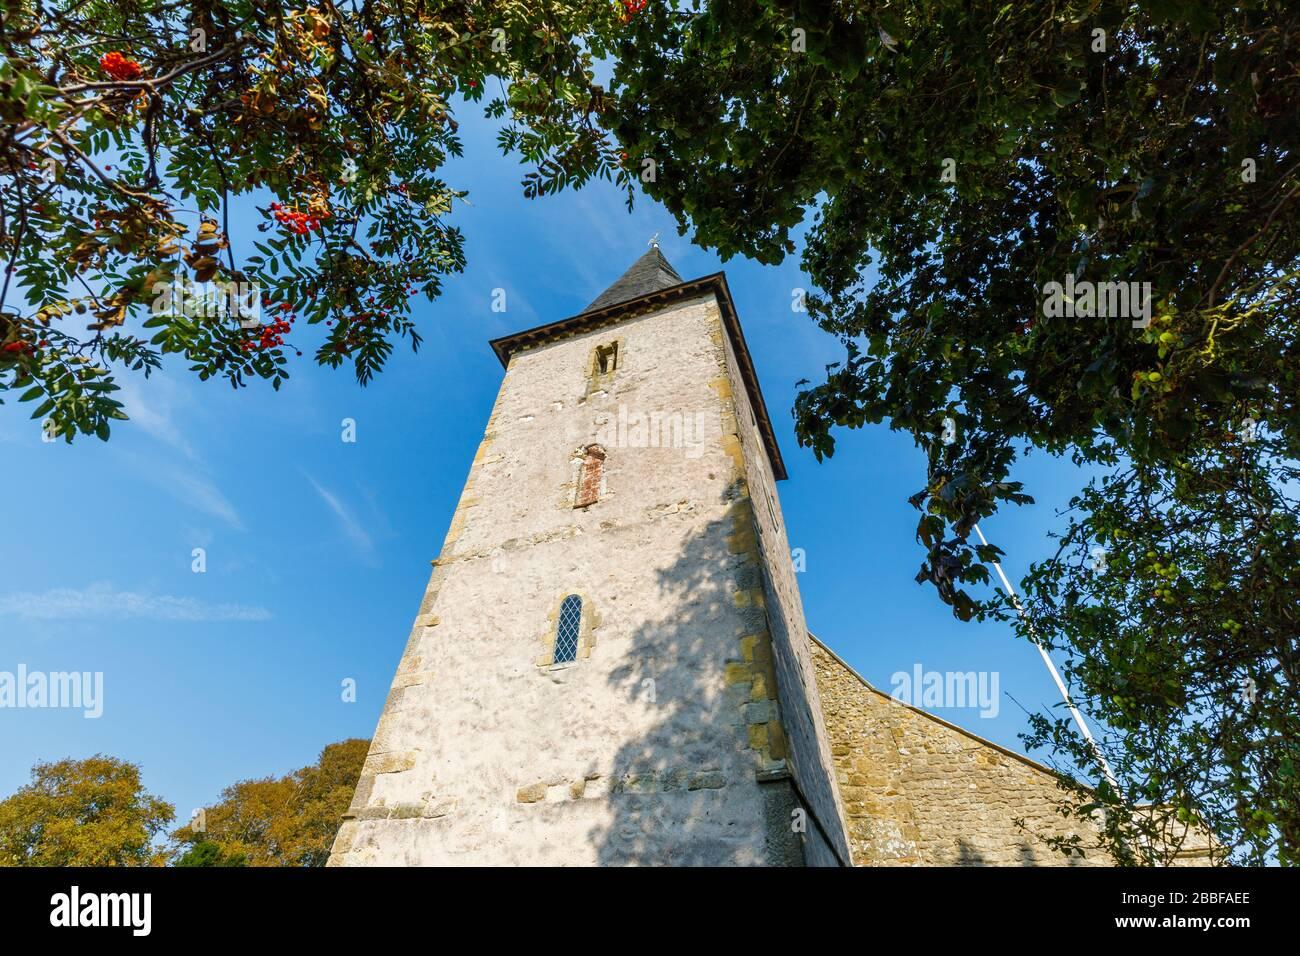 Iglesia de la Santísima Trinidad, un edificio histórico catalogado como Grado 1 en Bosham, un pequeño pueblo en Chichester Harbor, West Sussex, en la costa sur de Inglaterra Foto de stock